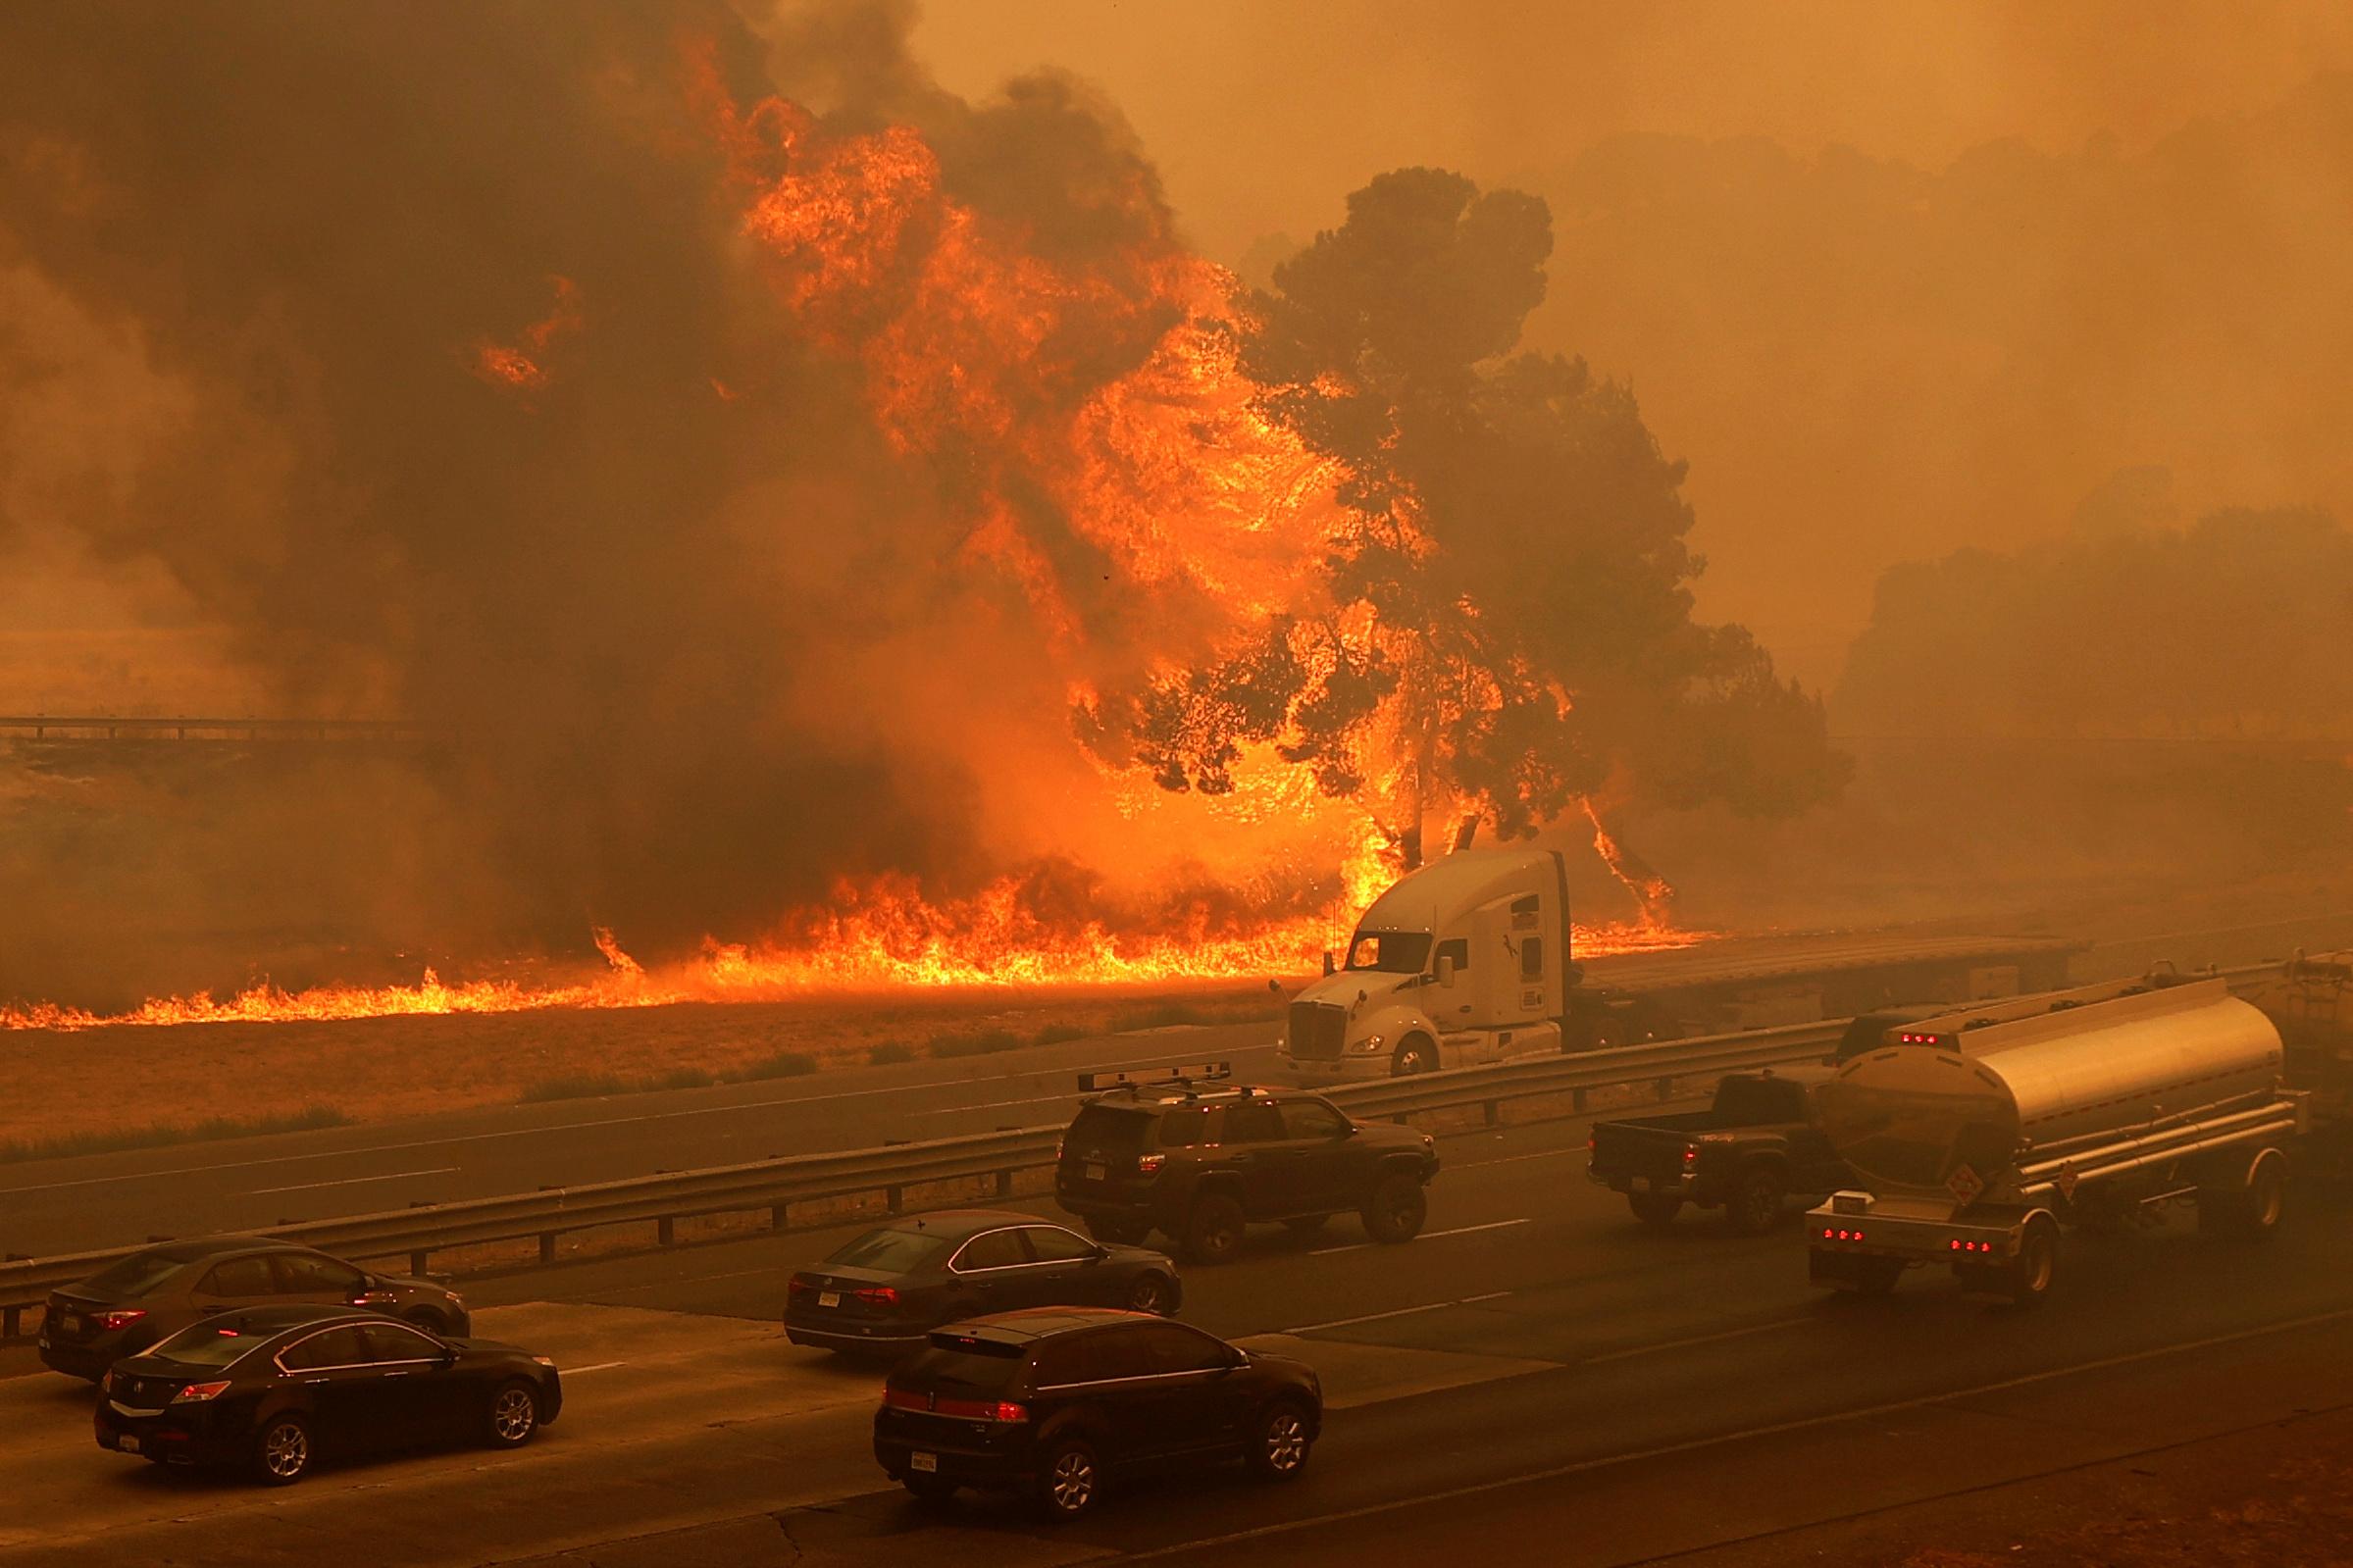 Καλιφόρνια: Δύο νεκροί από την πύρινη λαίλαπα – Χιλιάδες άνθρωποι εγκαταλείπουν τα σπίτια τους